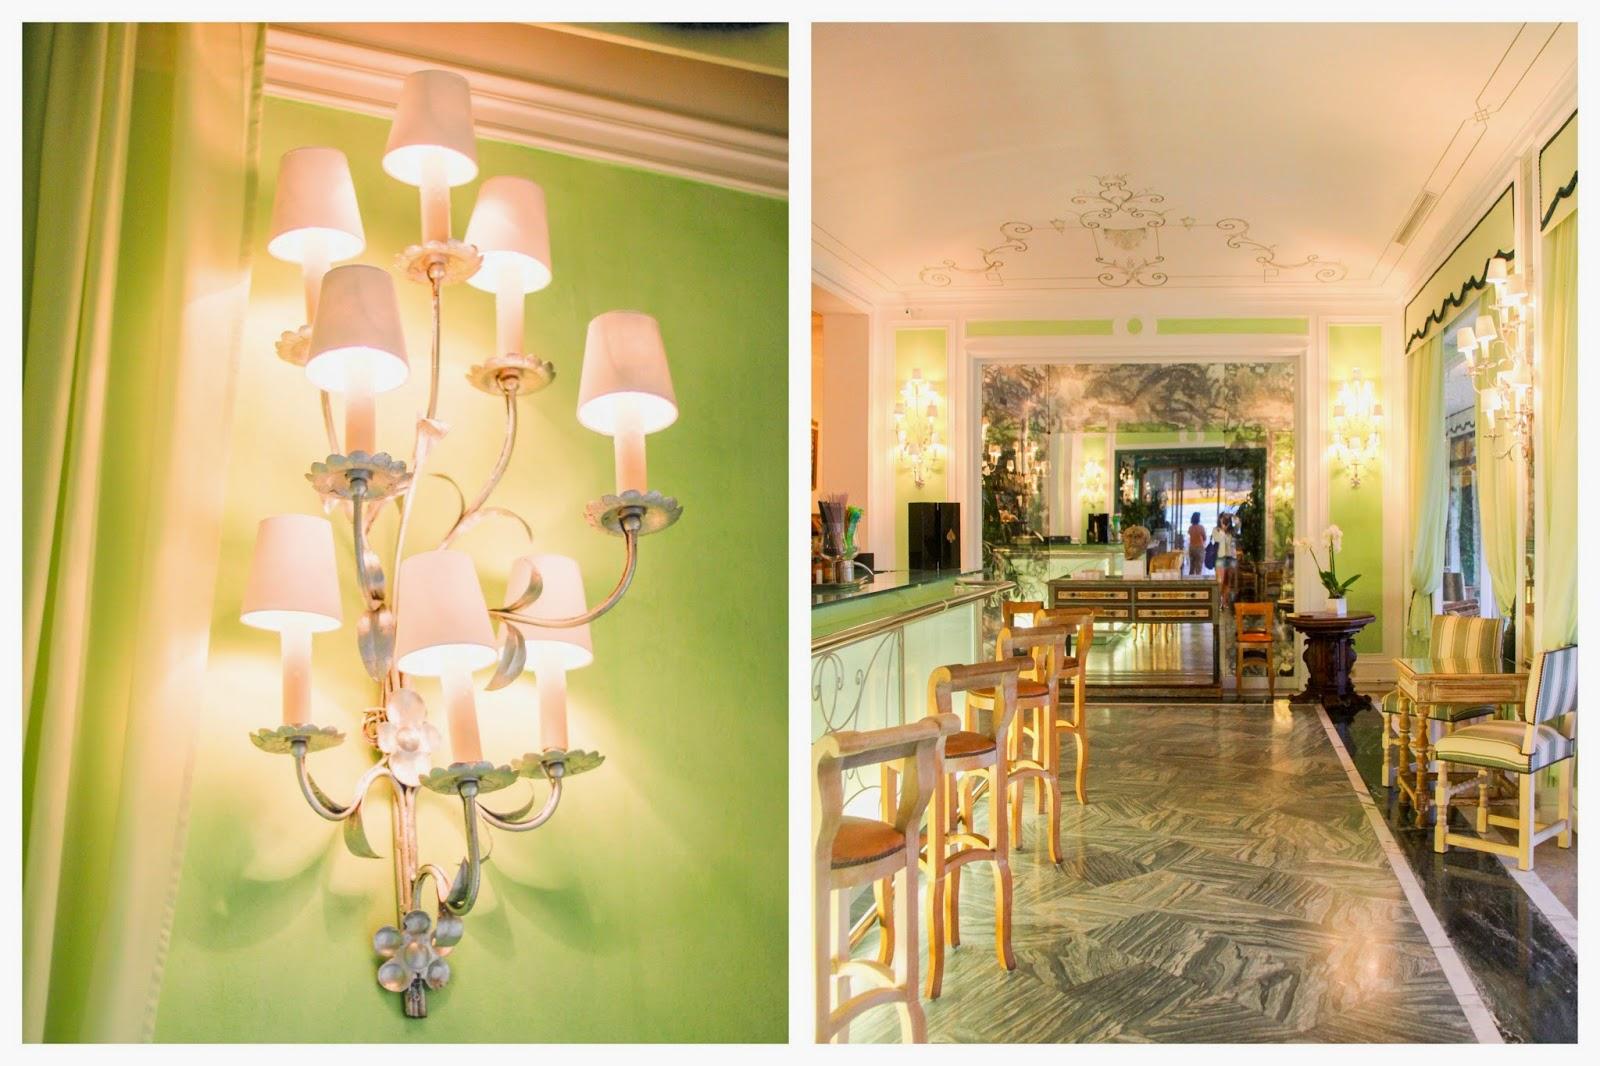 la voile d'or,saint-jean cap ferrat,bar,cocktail,années 60,amicalement votre,palace,hotel,restaurant,marbre,vert,laiton